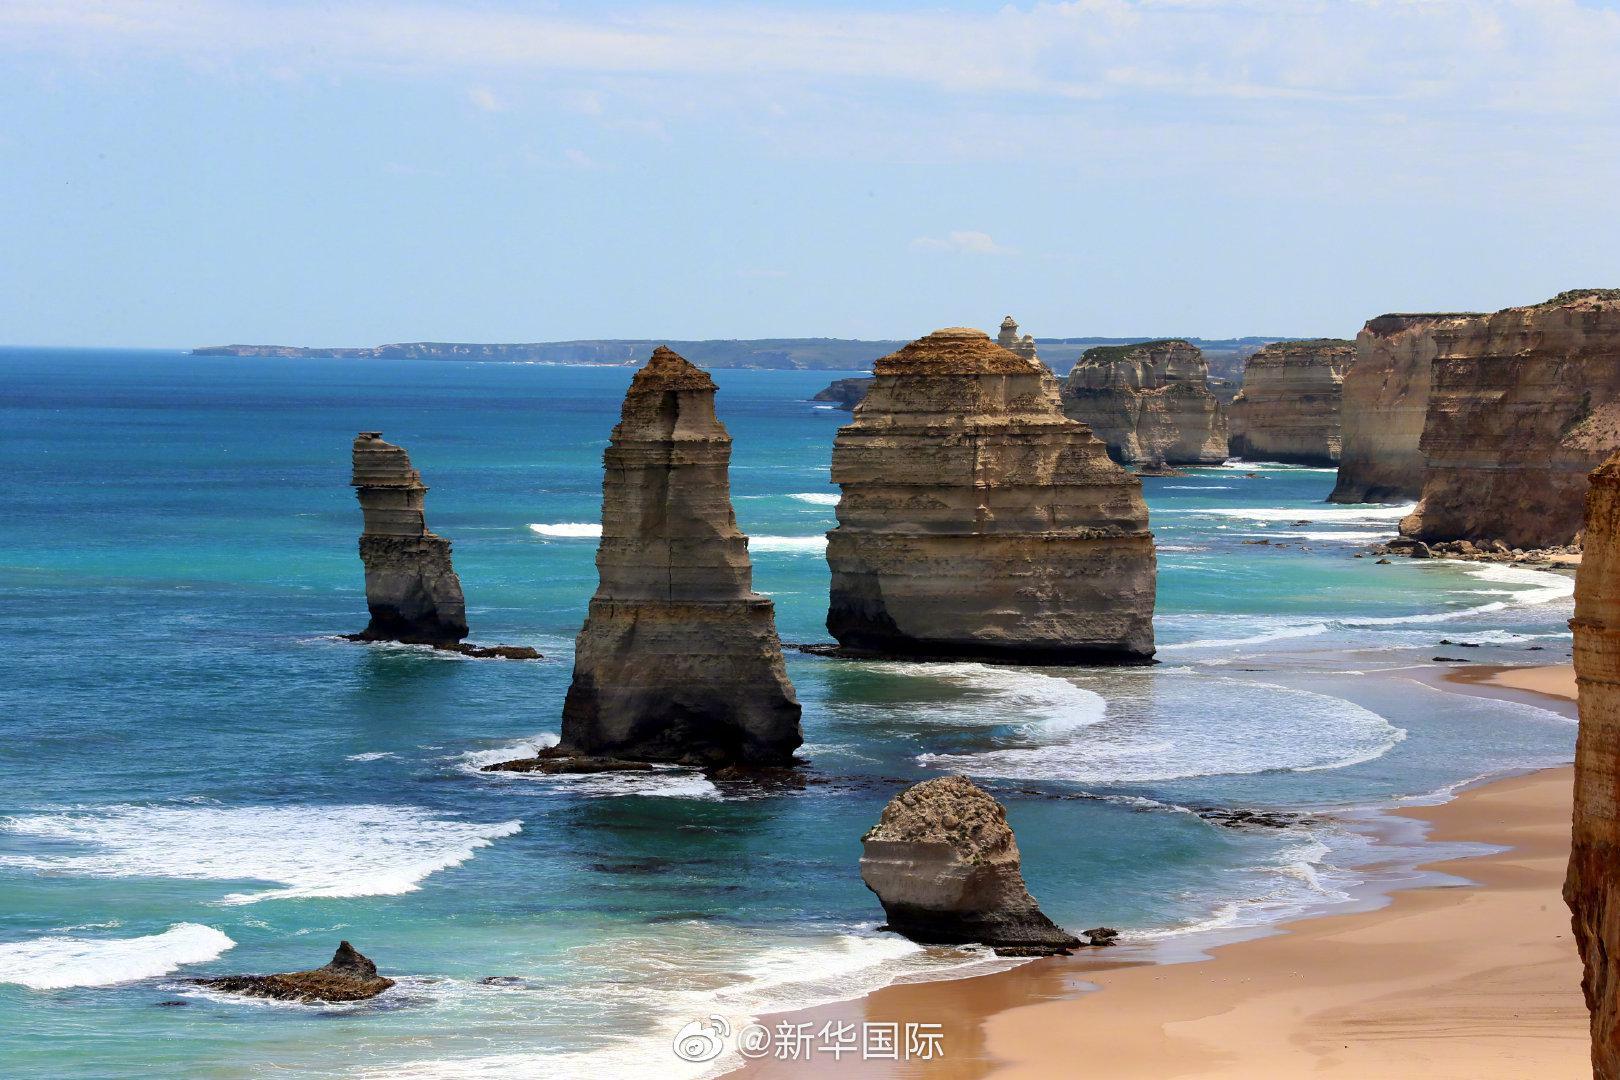 澳大利亚维多利亚州重启旅游业